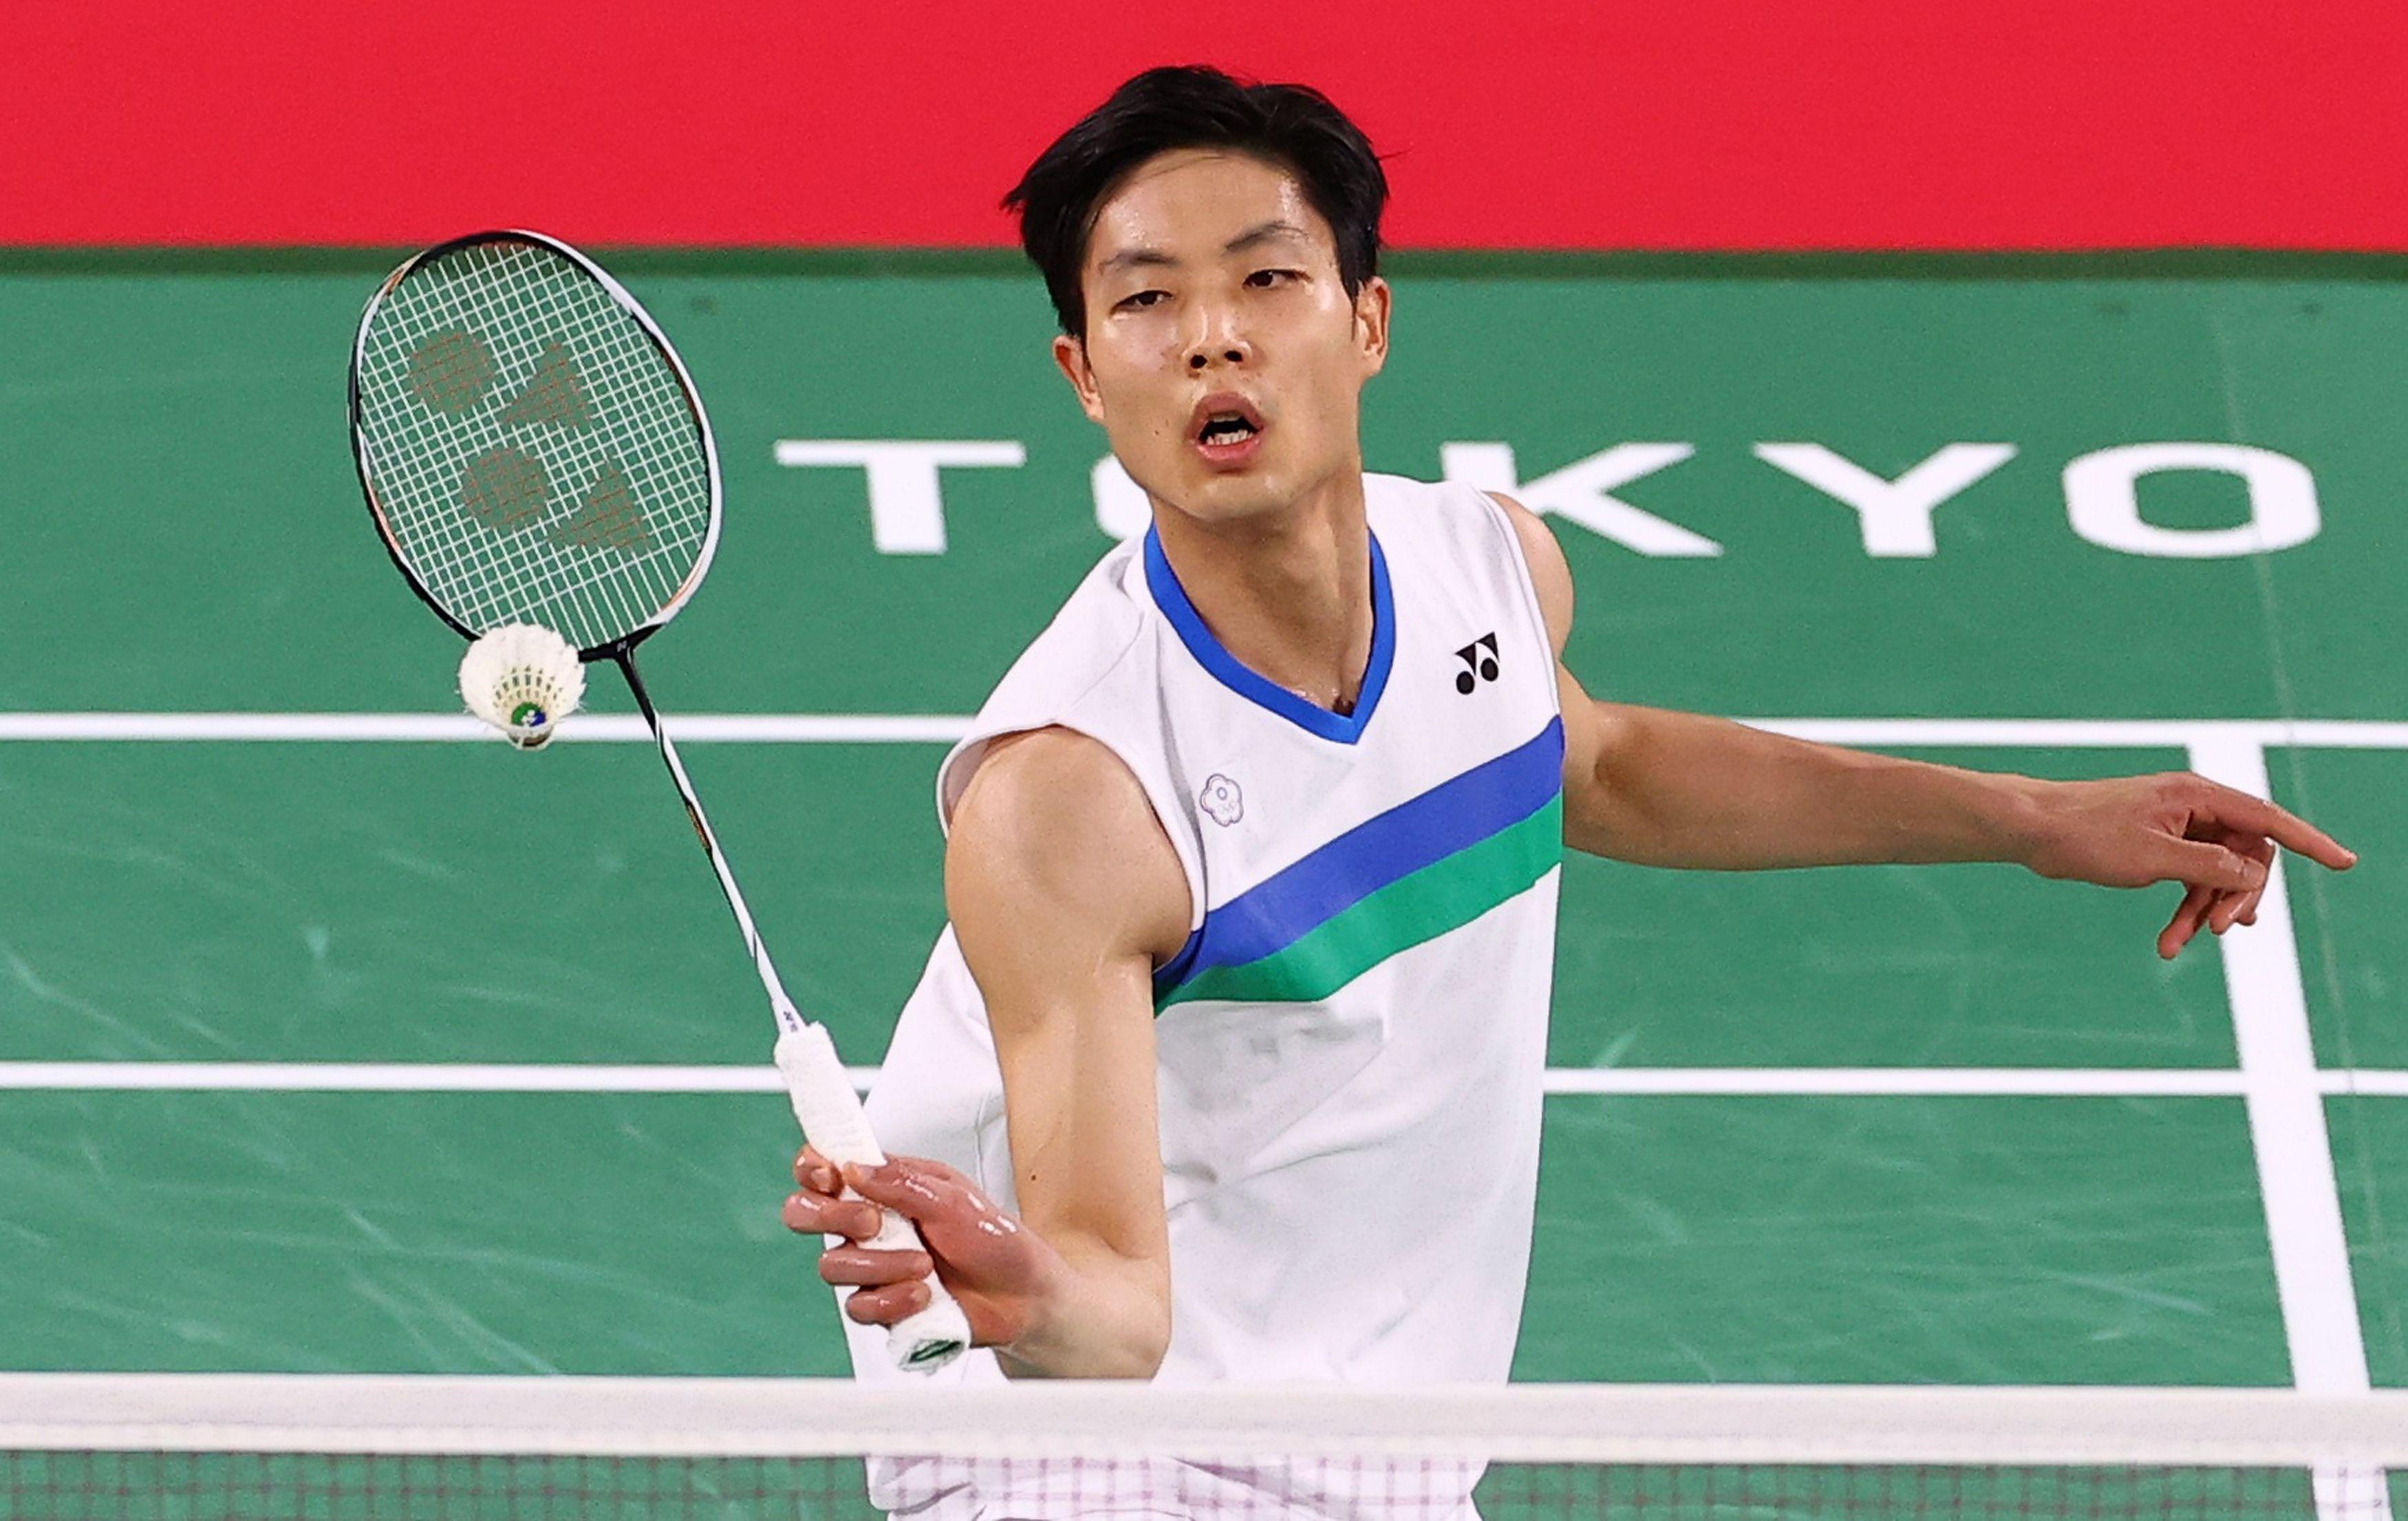 東京奧運,運動員,選手,職業,職涯,倖存者偏差,慣性定律,路徑依賴